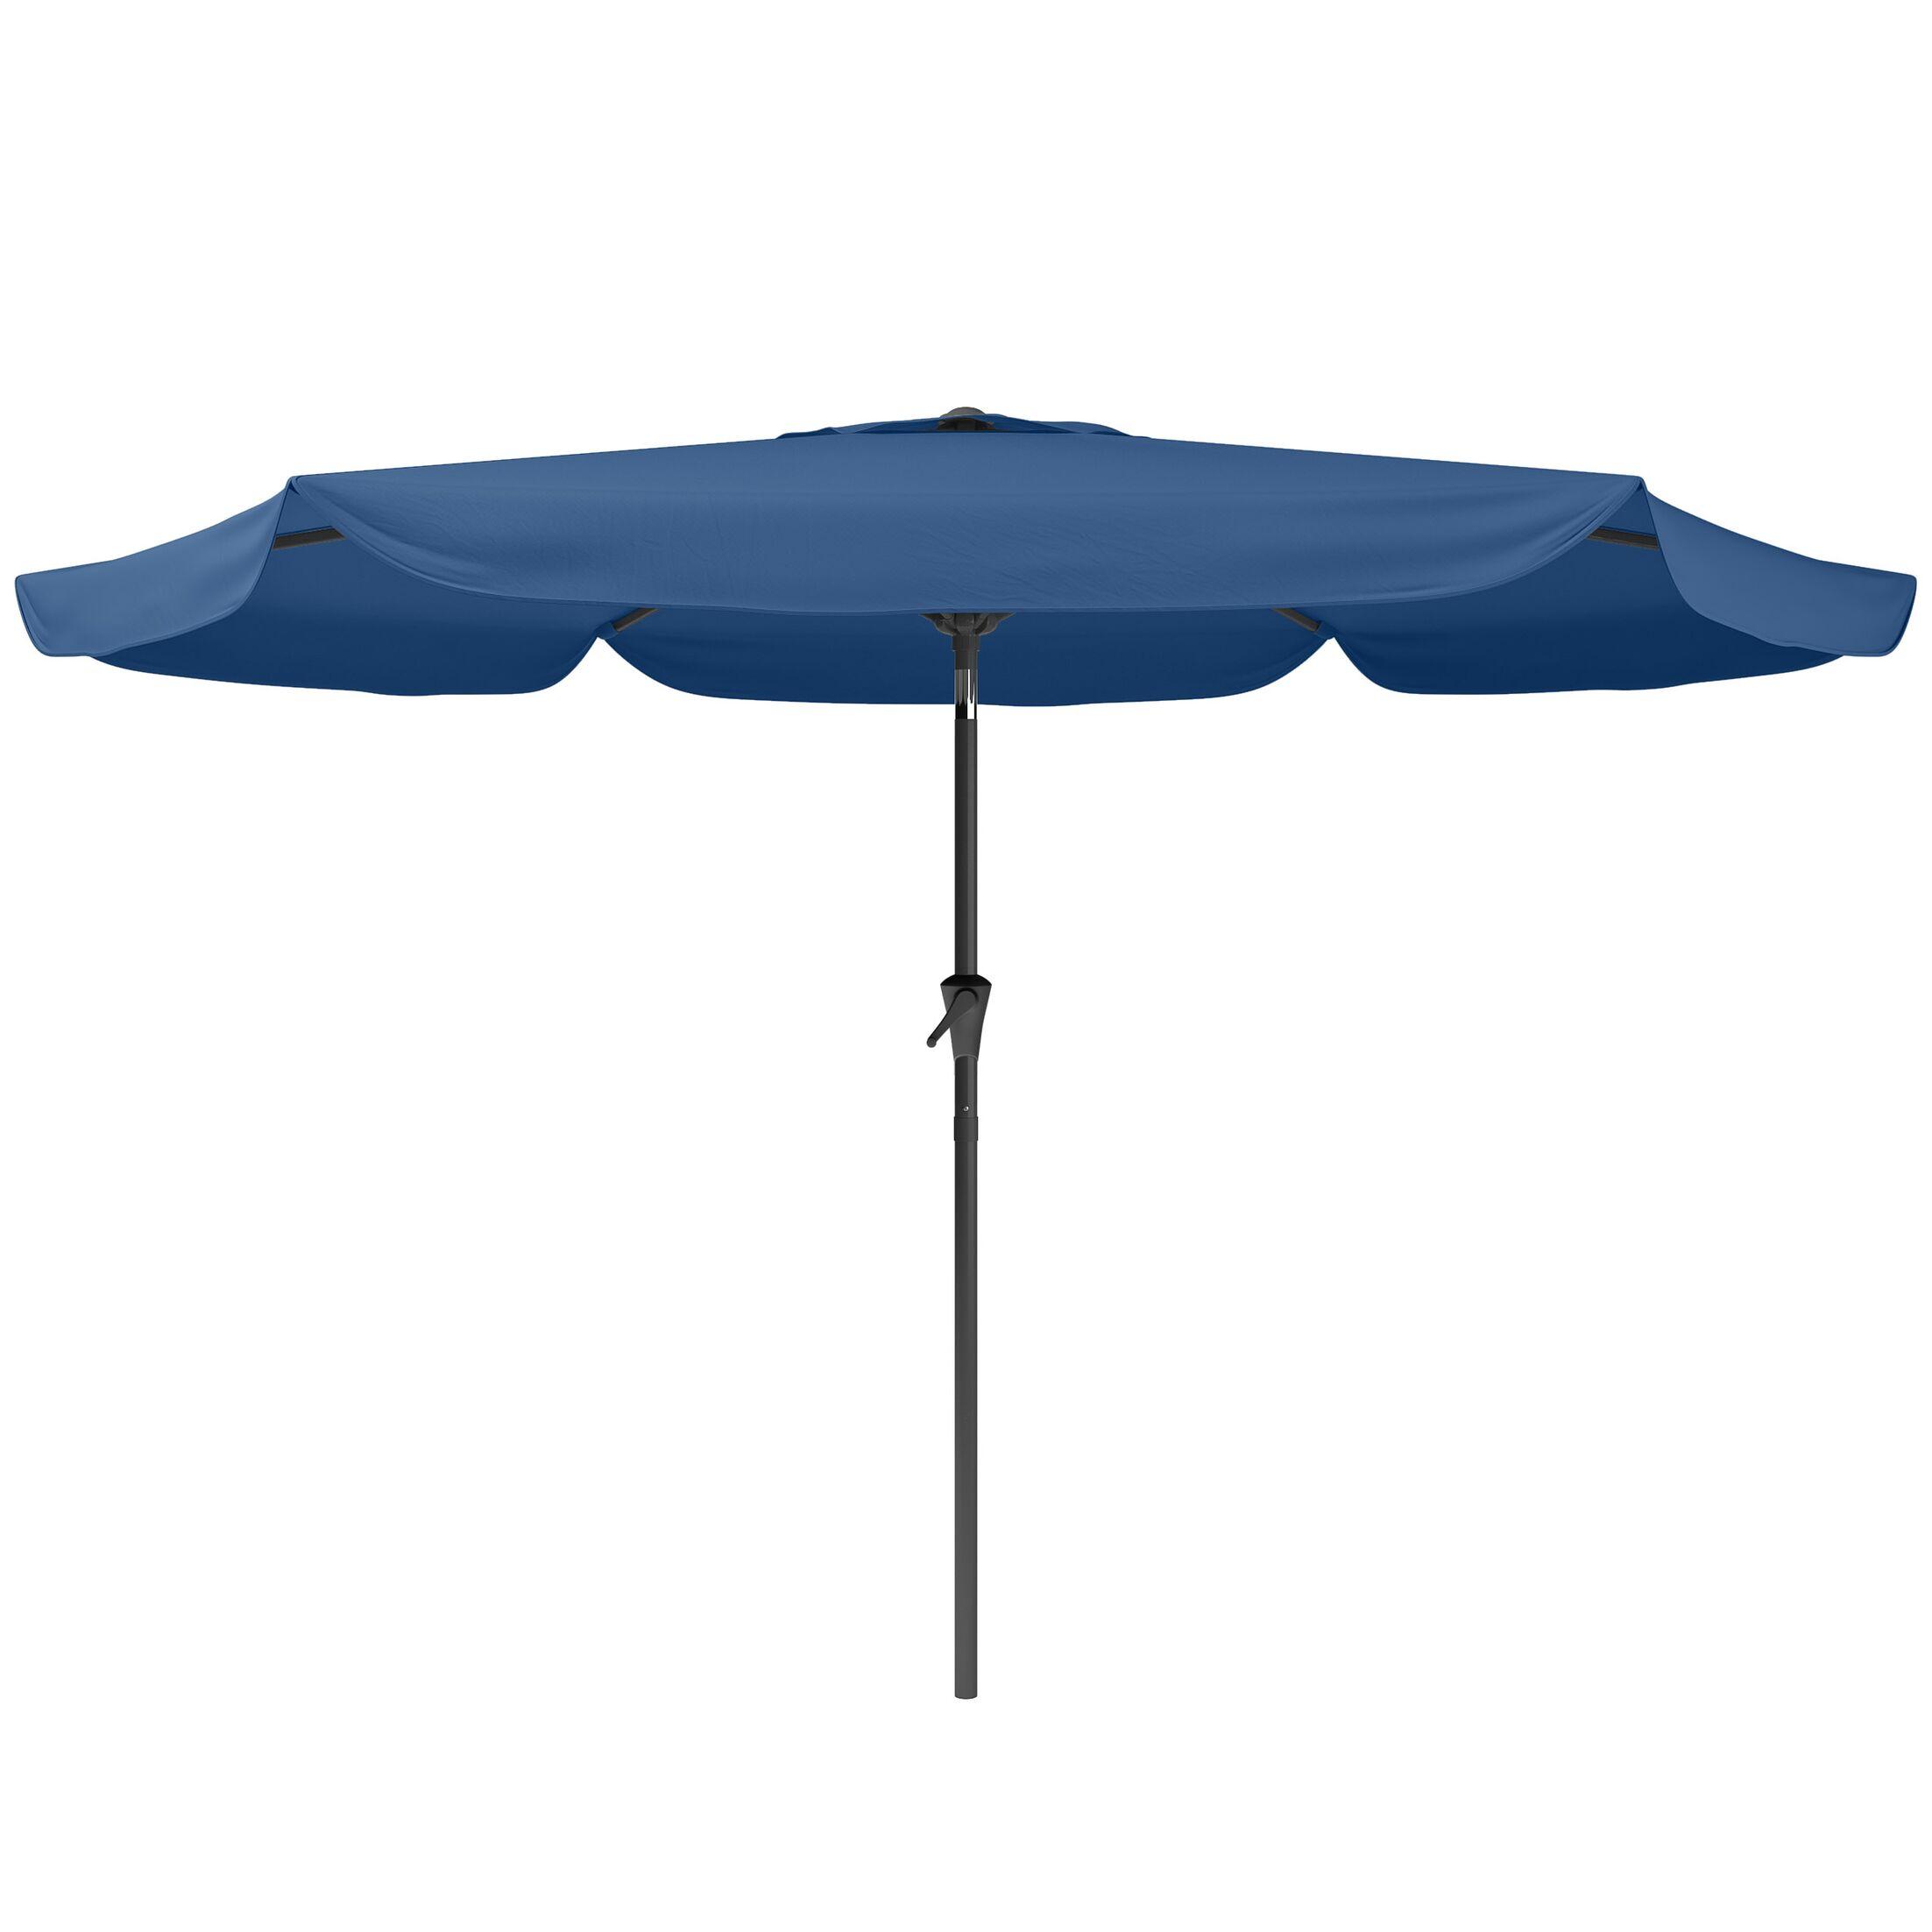 Corliving 10' Market Umbrella Fabric Color: Cobalt Blue